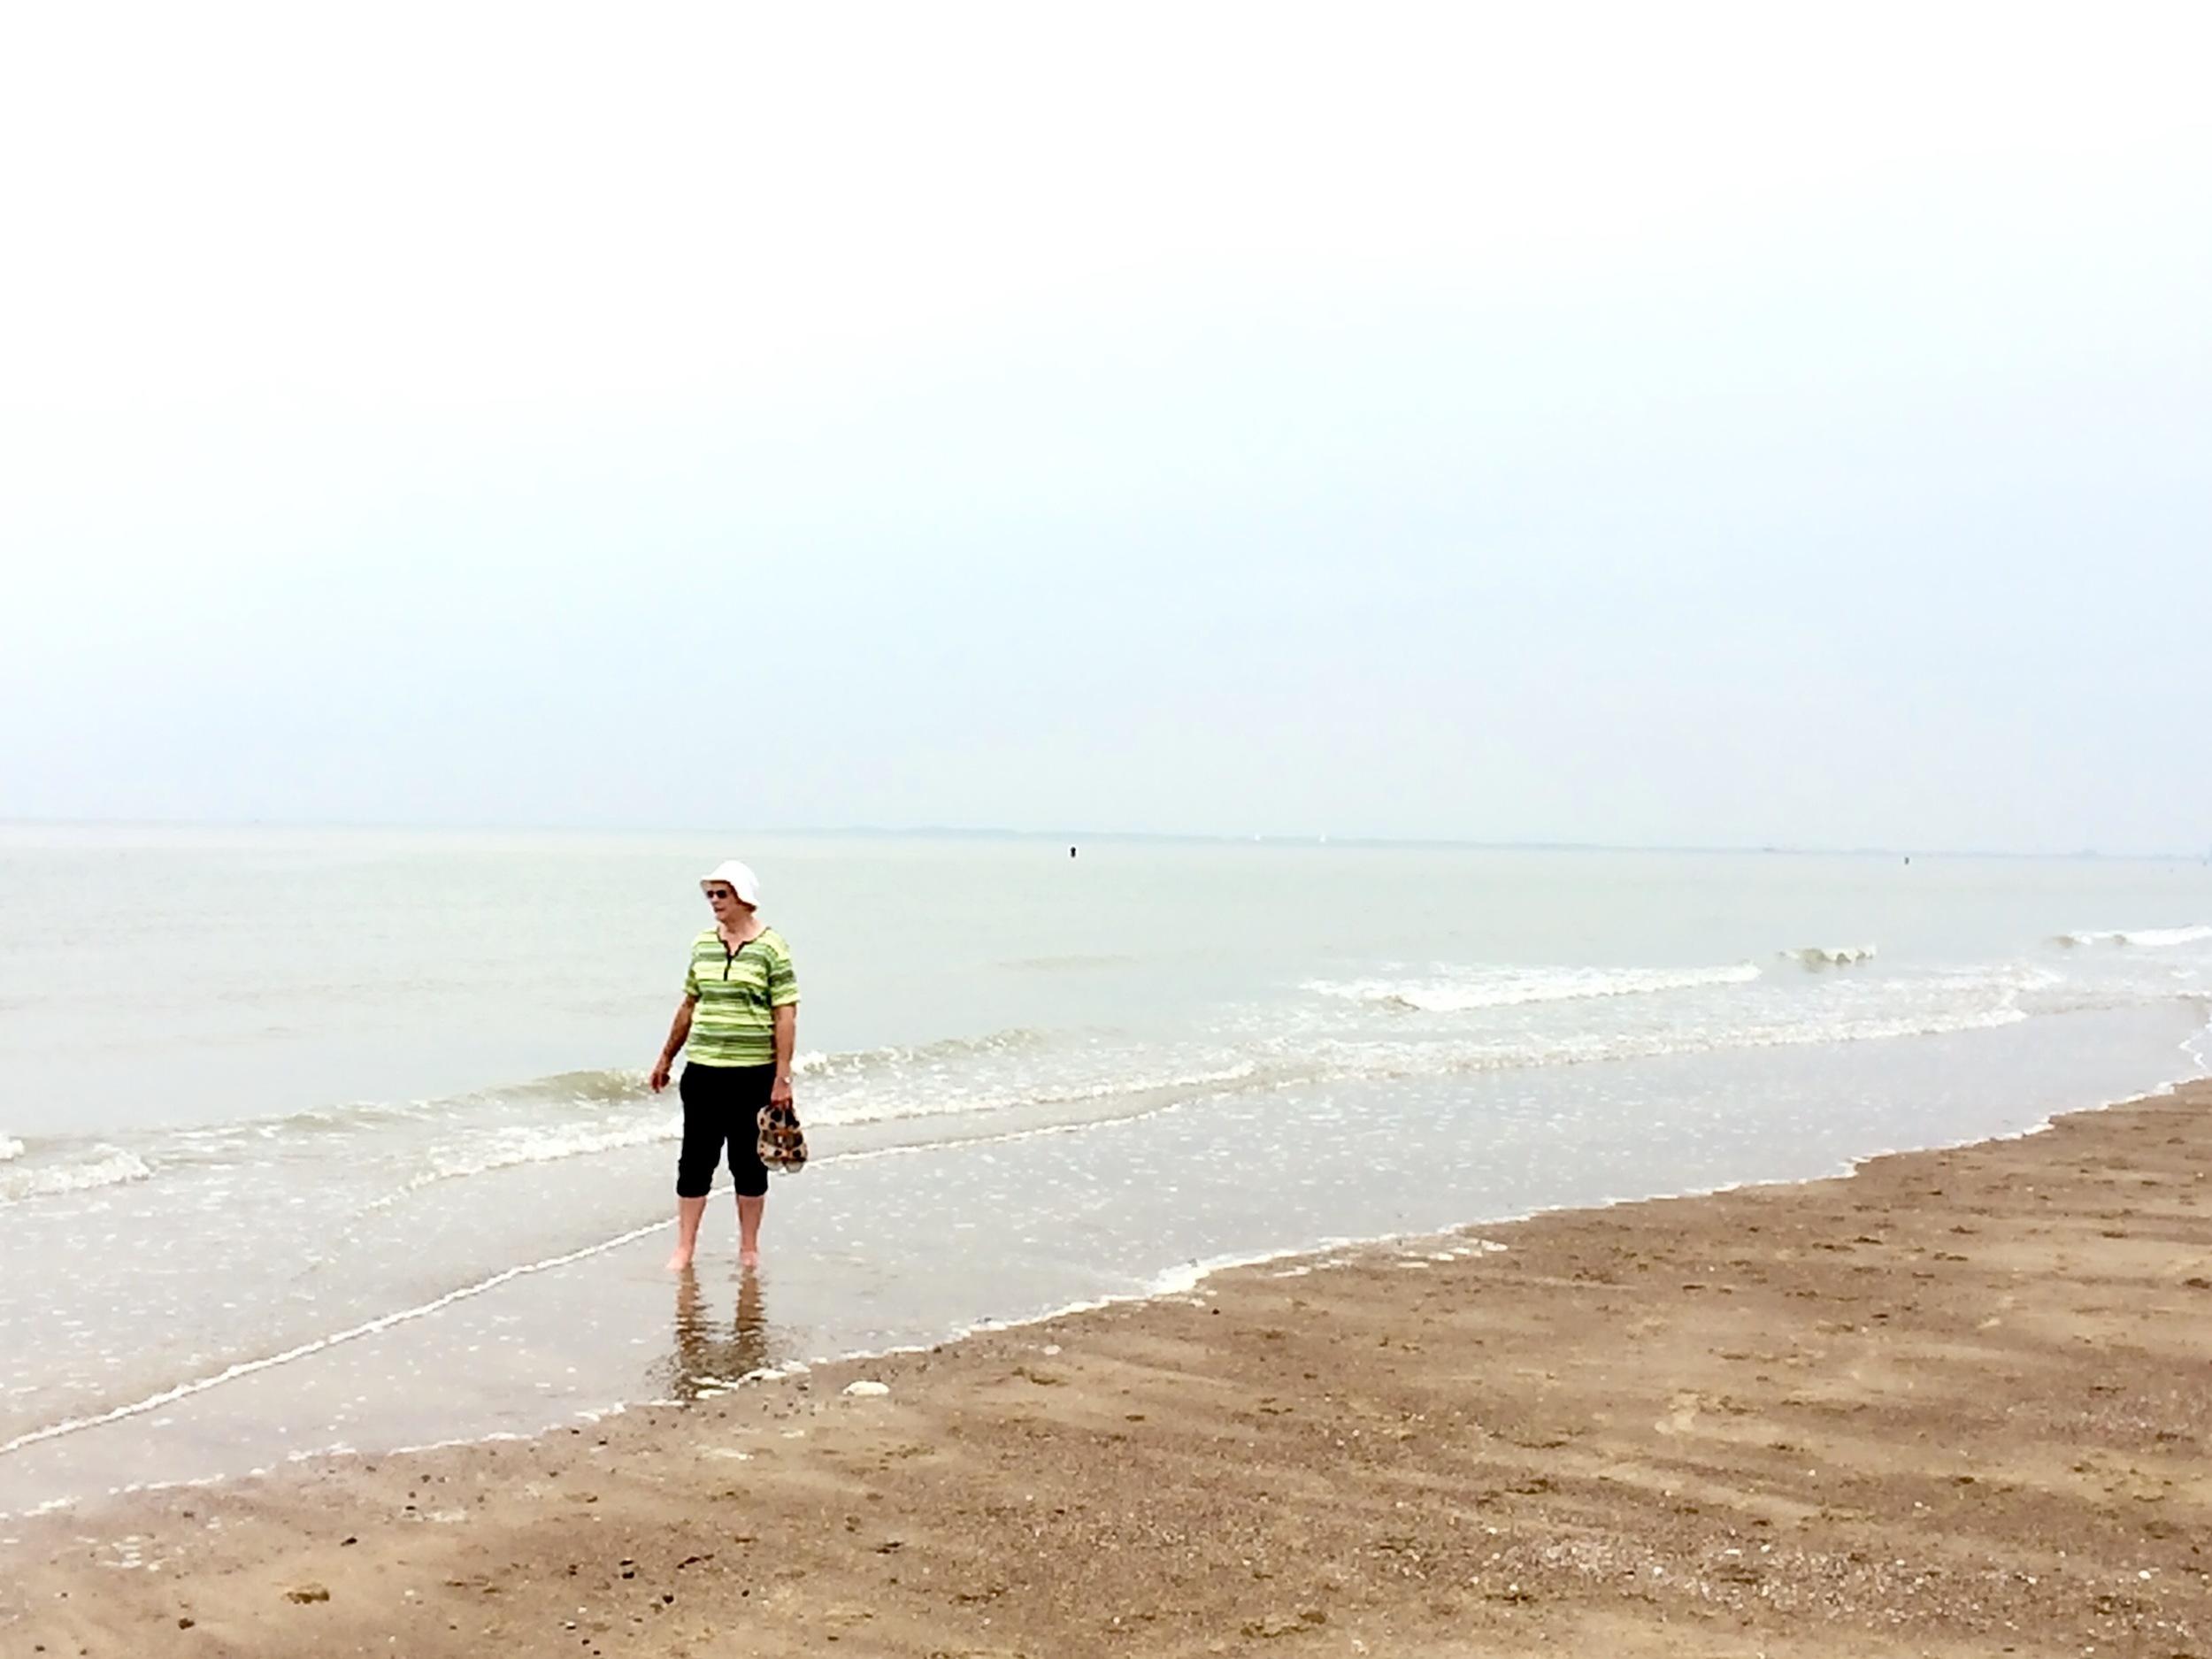 Viewfinder - damen in groen - strand Cadzand